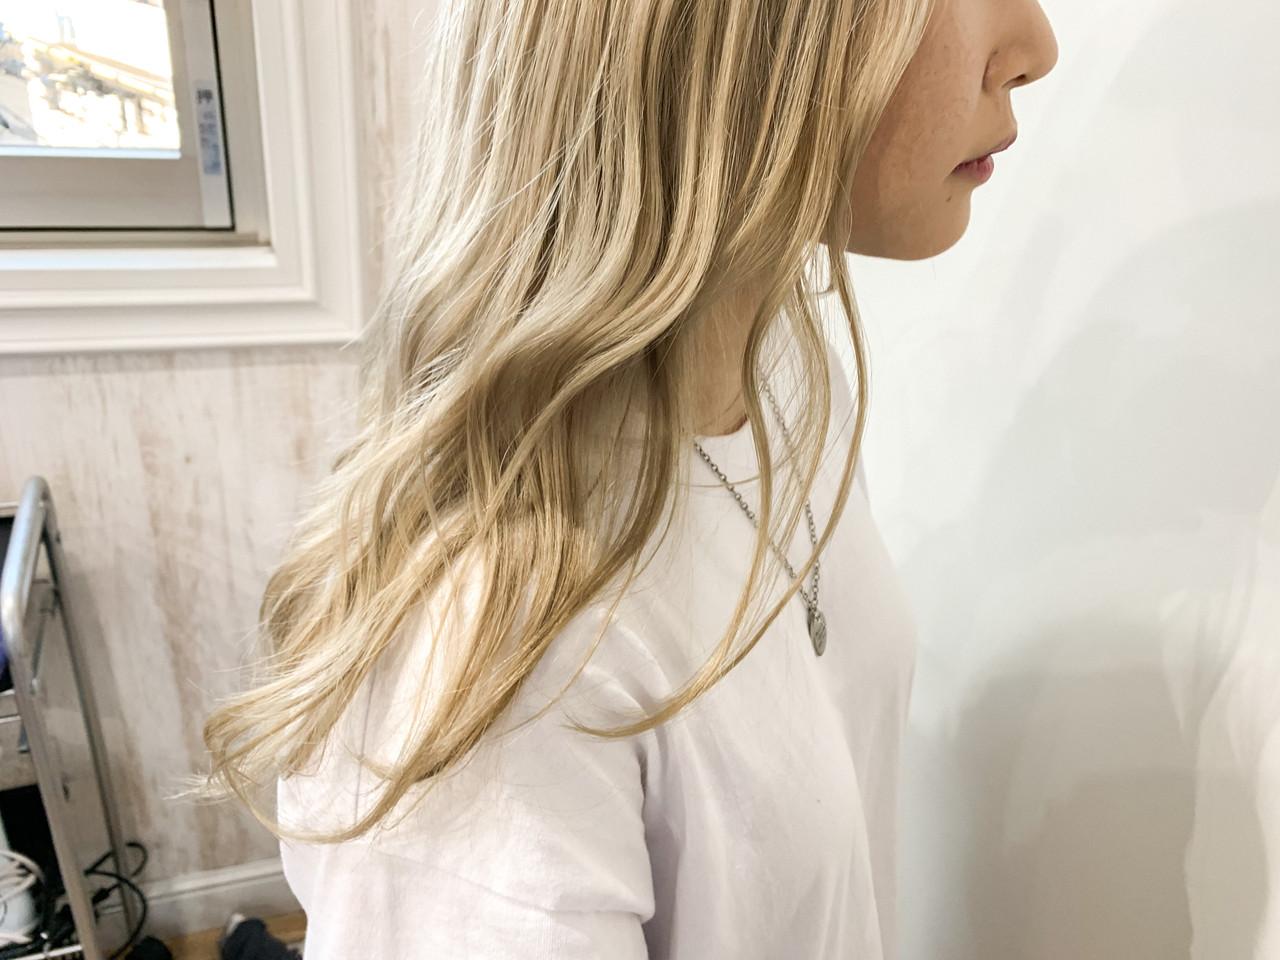 ナチュラル ホワイトカラー ハイトーンカラー セミロング ヘアスタイルや髪型の写真・画像